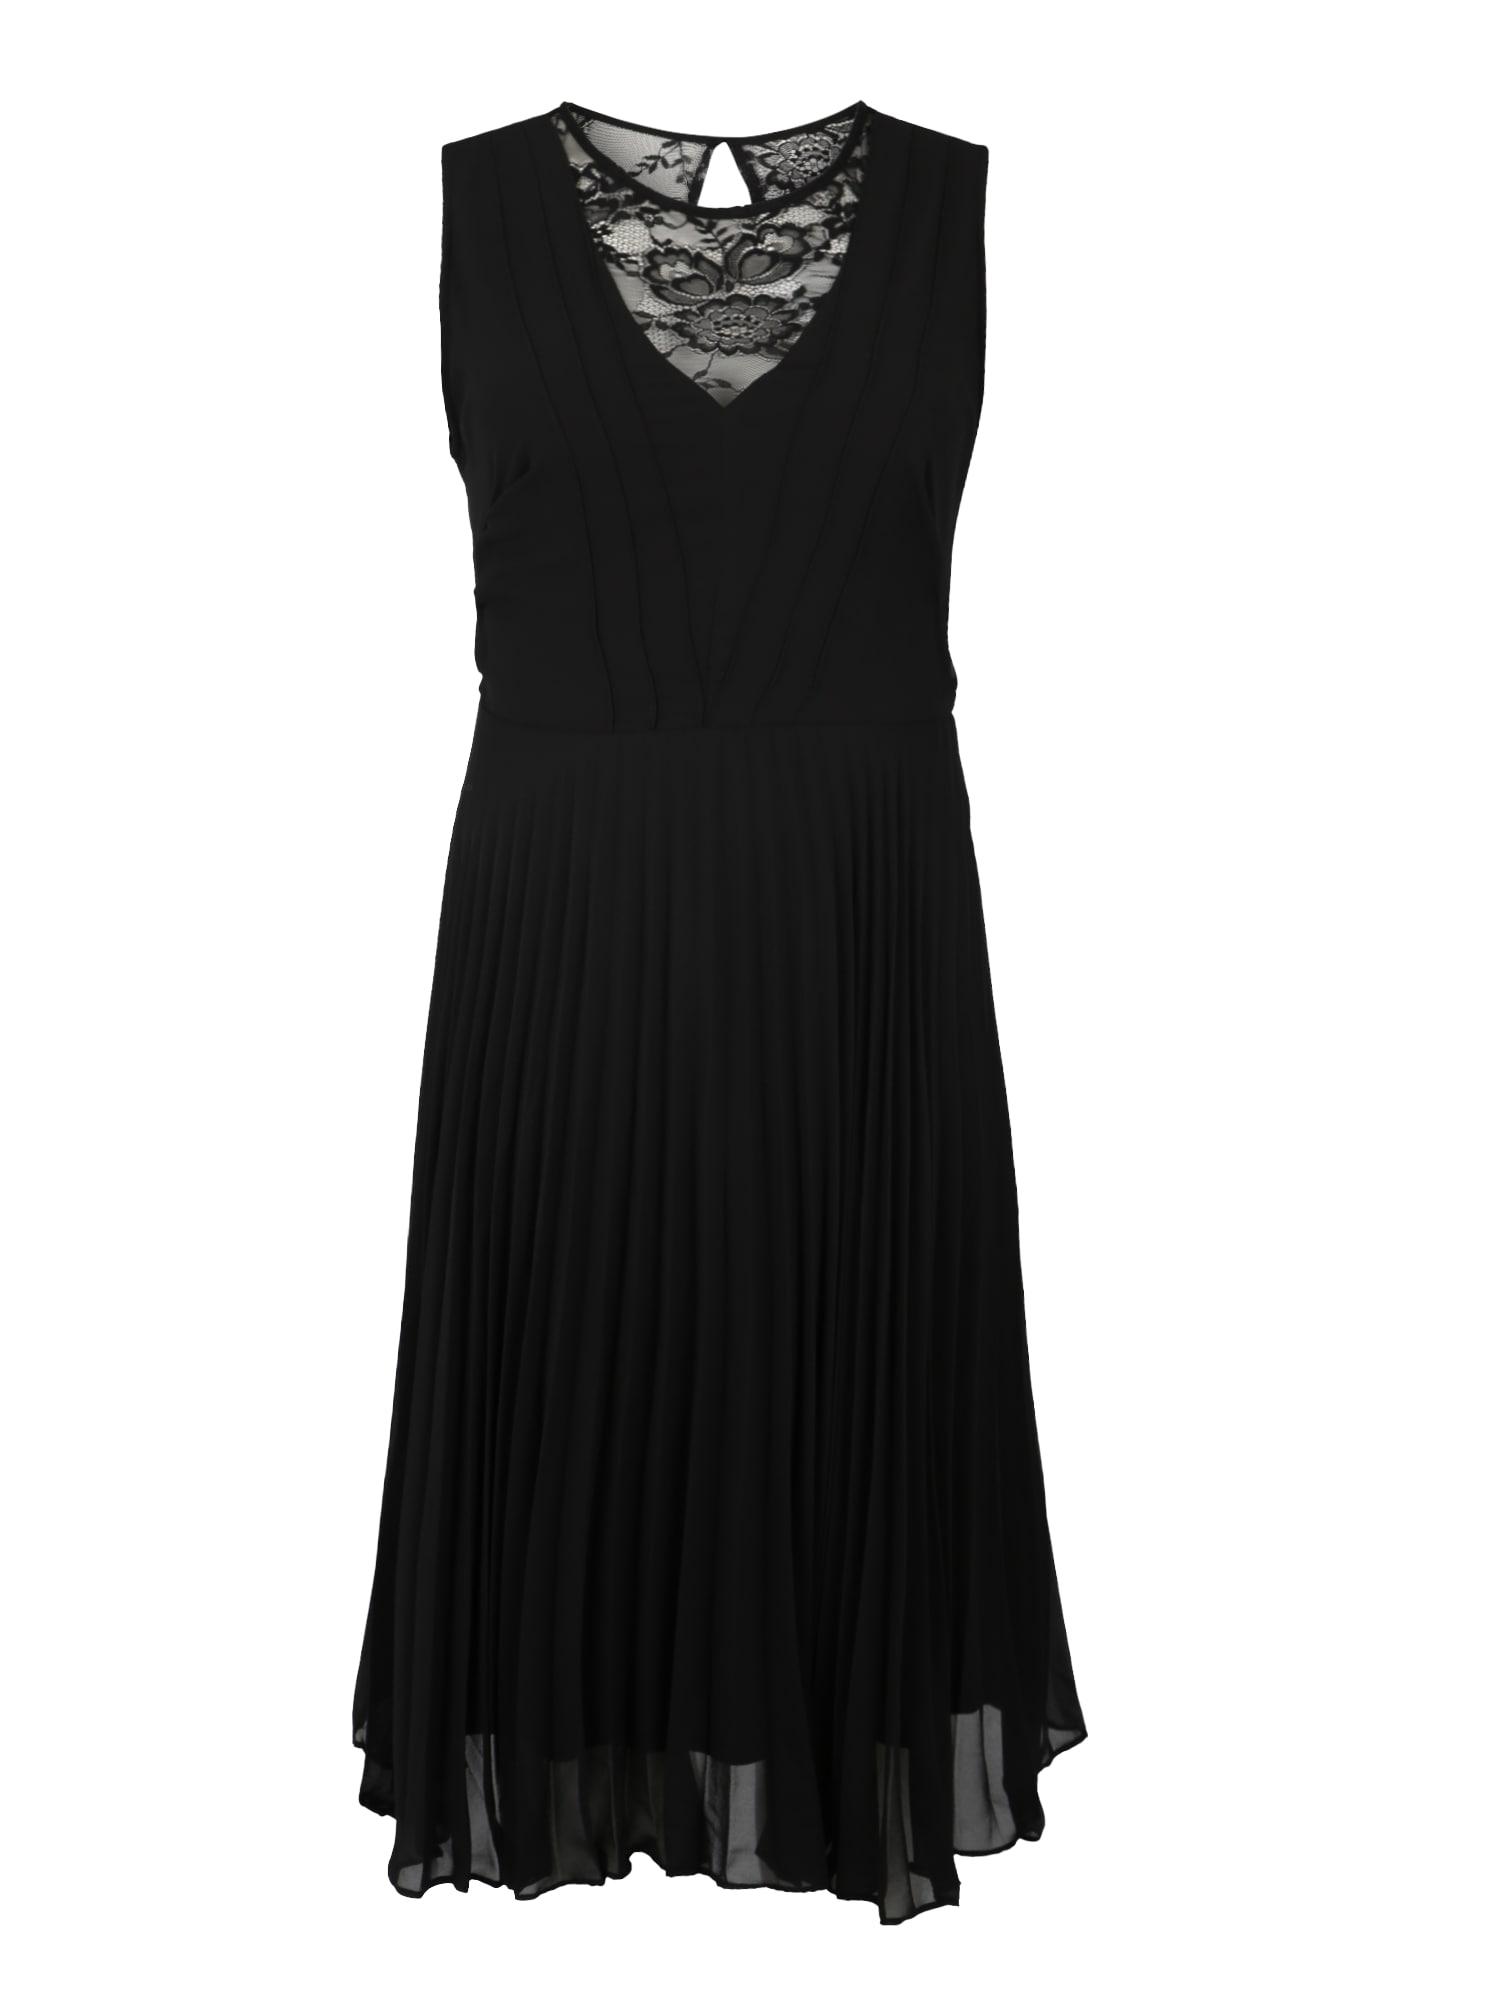 Koktejlové šaty XAMALIE SL DRESS černá Zizzi